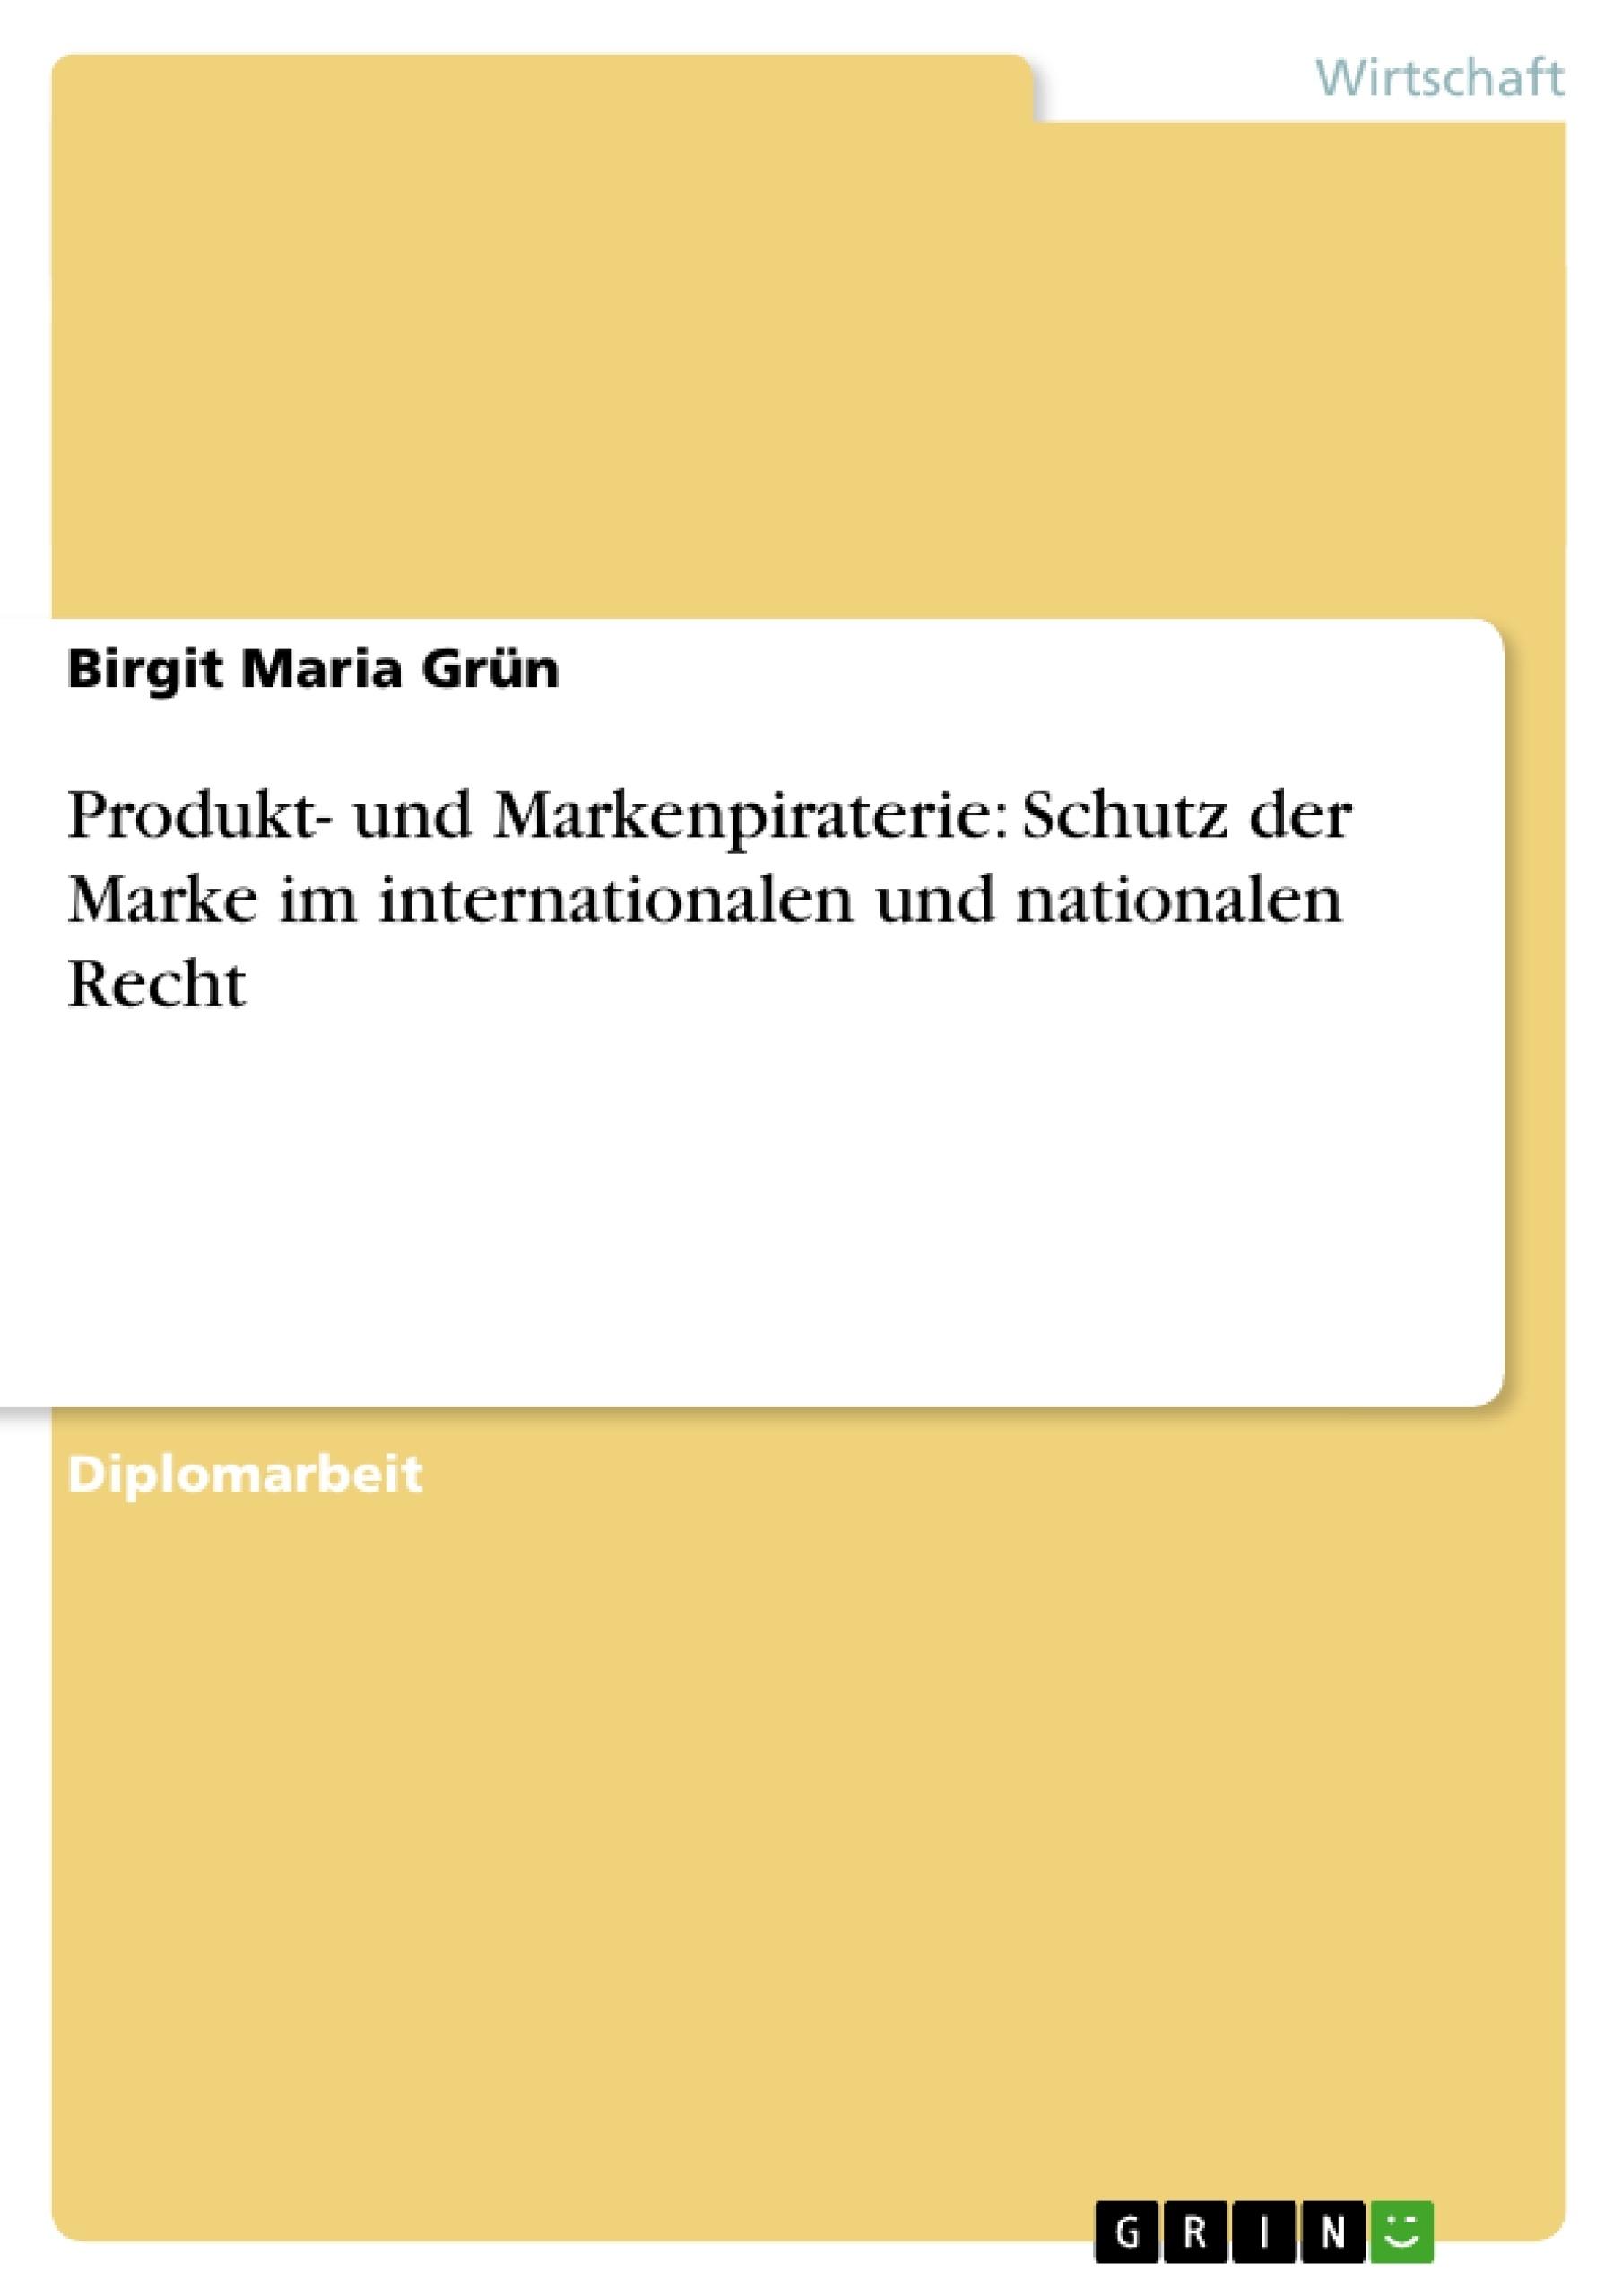 Titel: Produkt- und Markenpiraterie: Schutz der Marke im internationalen und nationalen Recht